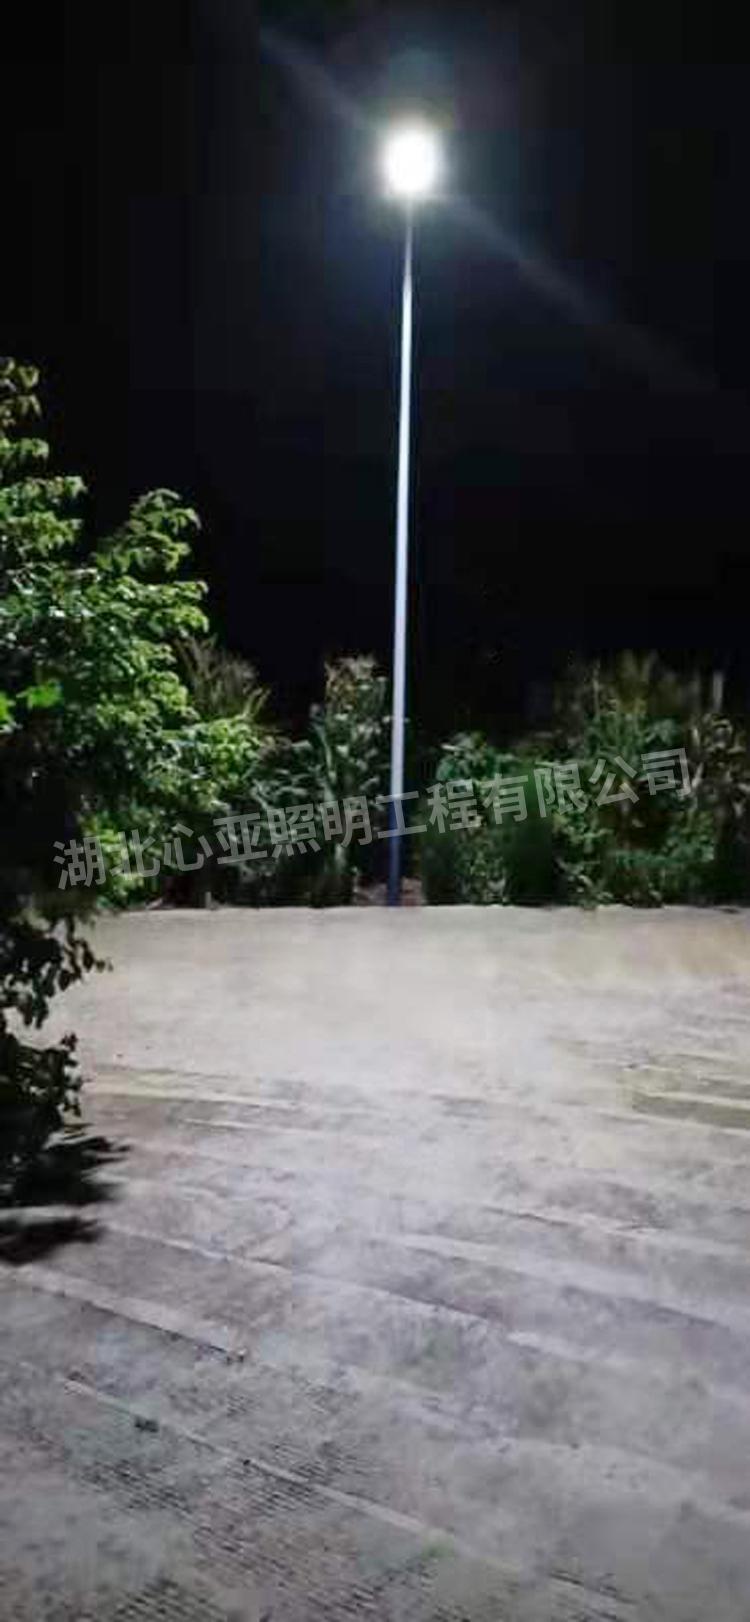 云阳县龙角镇栏坪村太阳能路灯照明项目